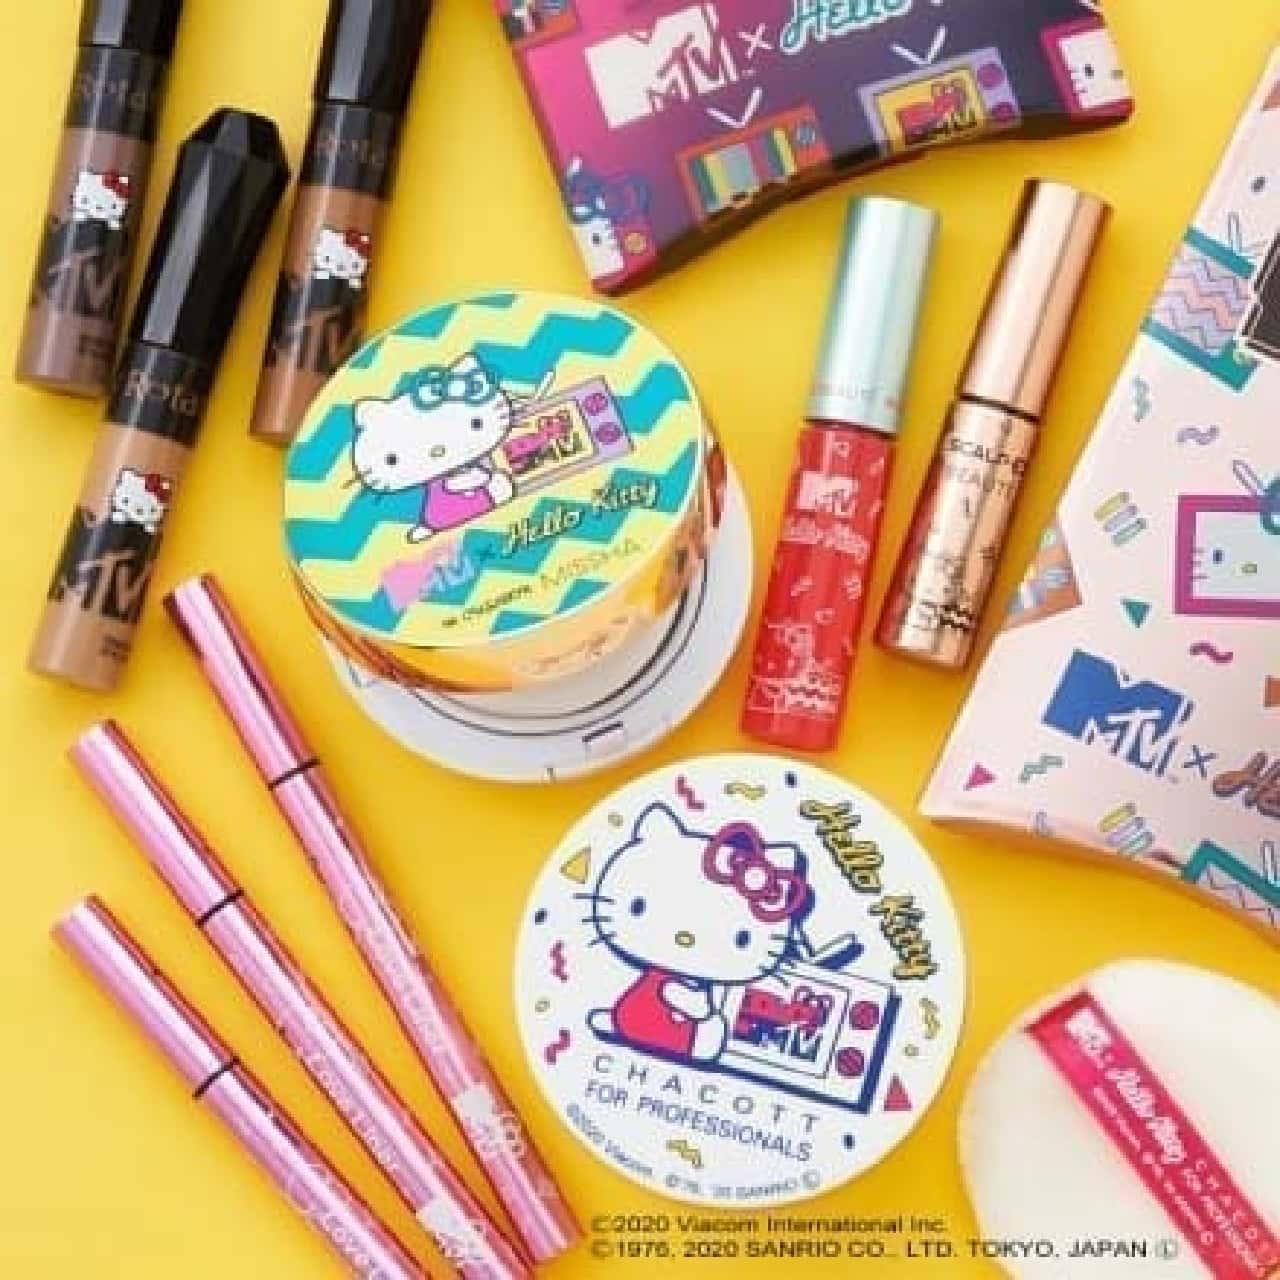 プラザ「MTV × Hello Kitty」のコレボレーションアートの限定コスメ